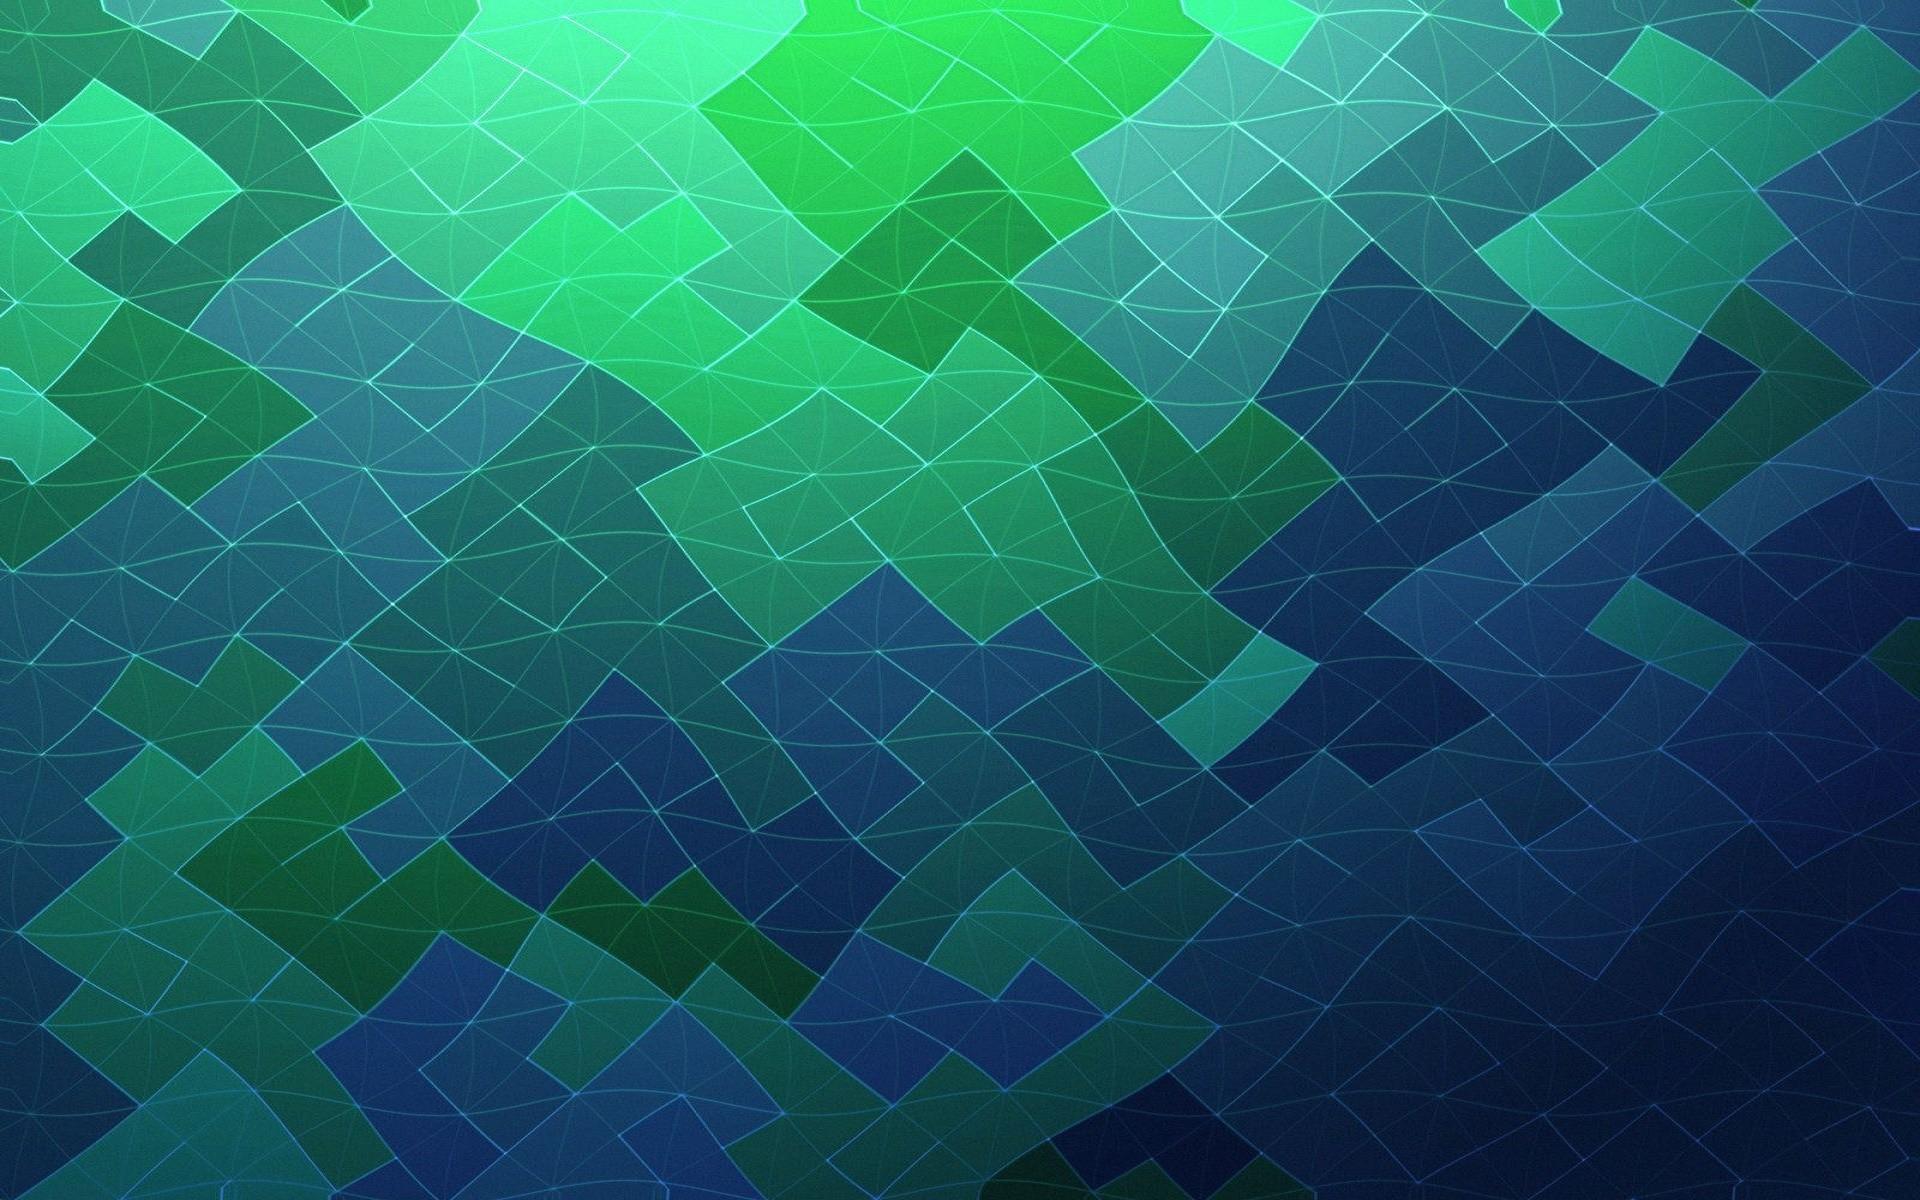 Nexus Desktop Wallpaper 53 images 1920x1200